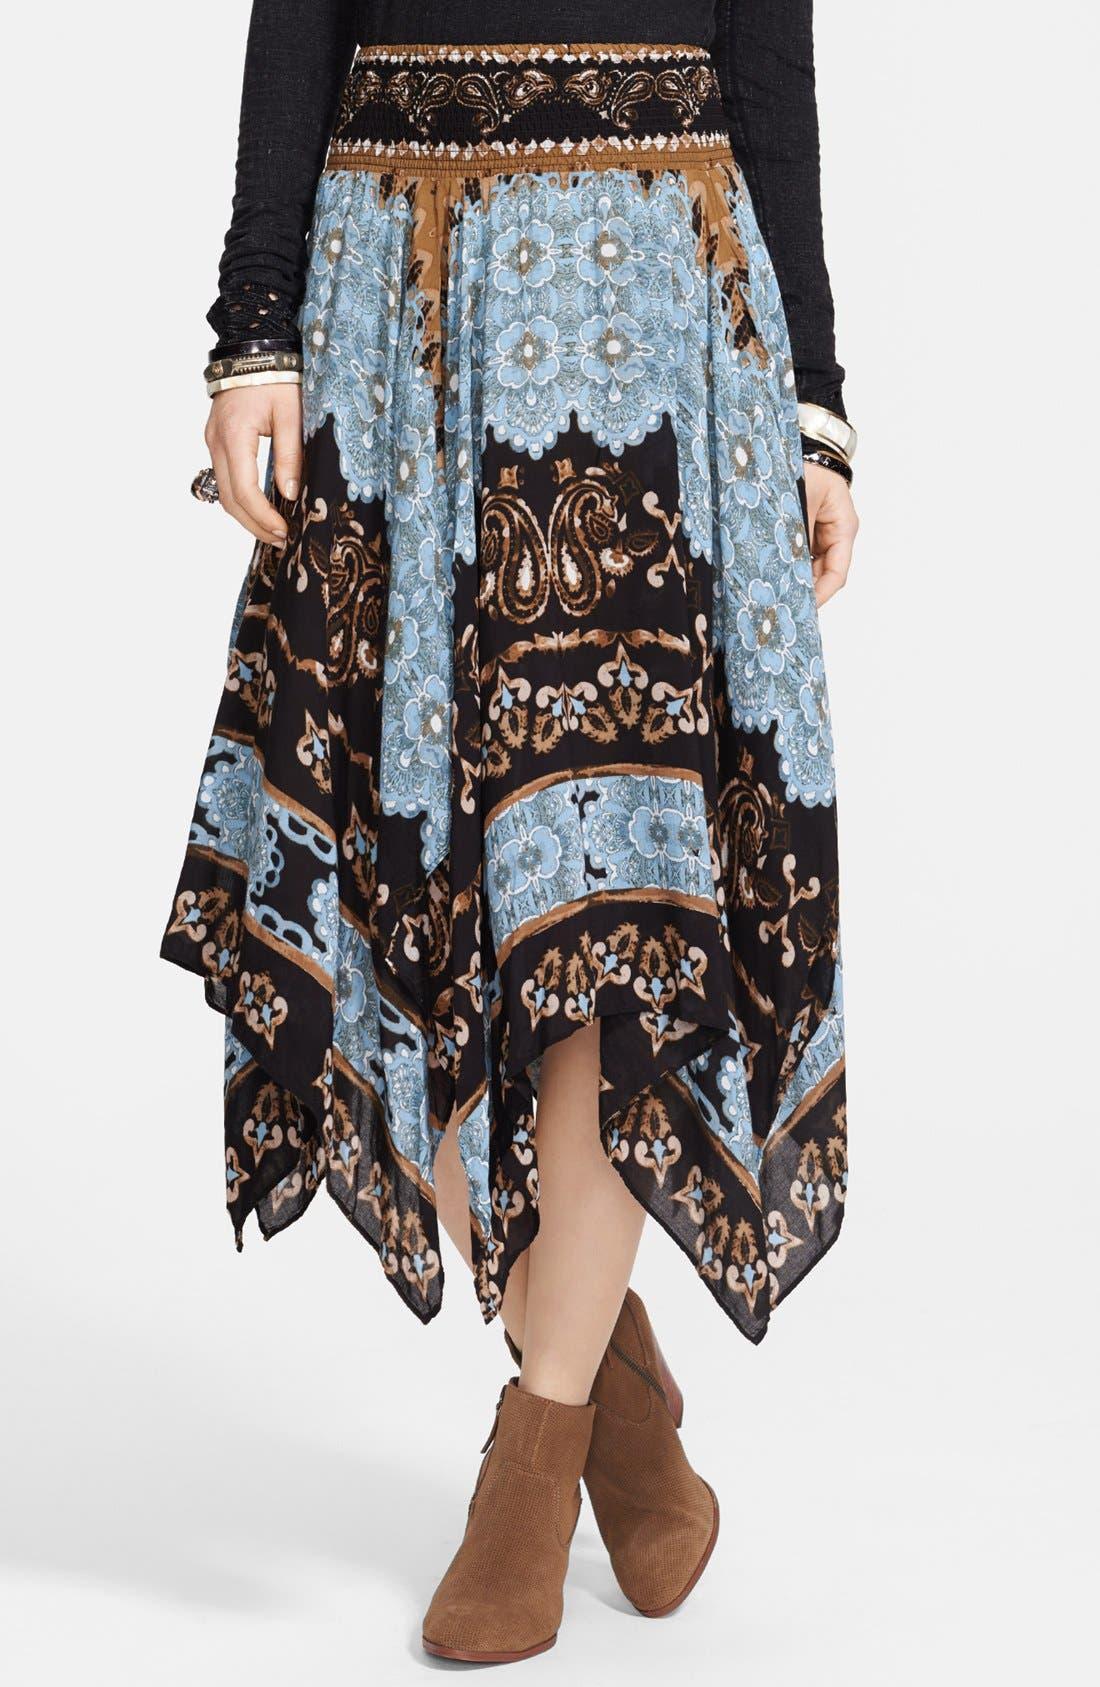 Alternate Image 1 Selected - Free People 'Fly Away' Print Handkerchief Skirt